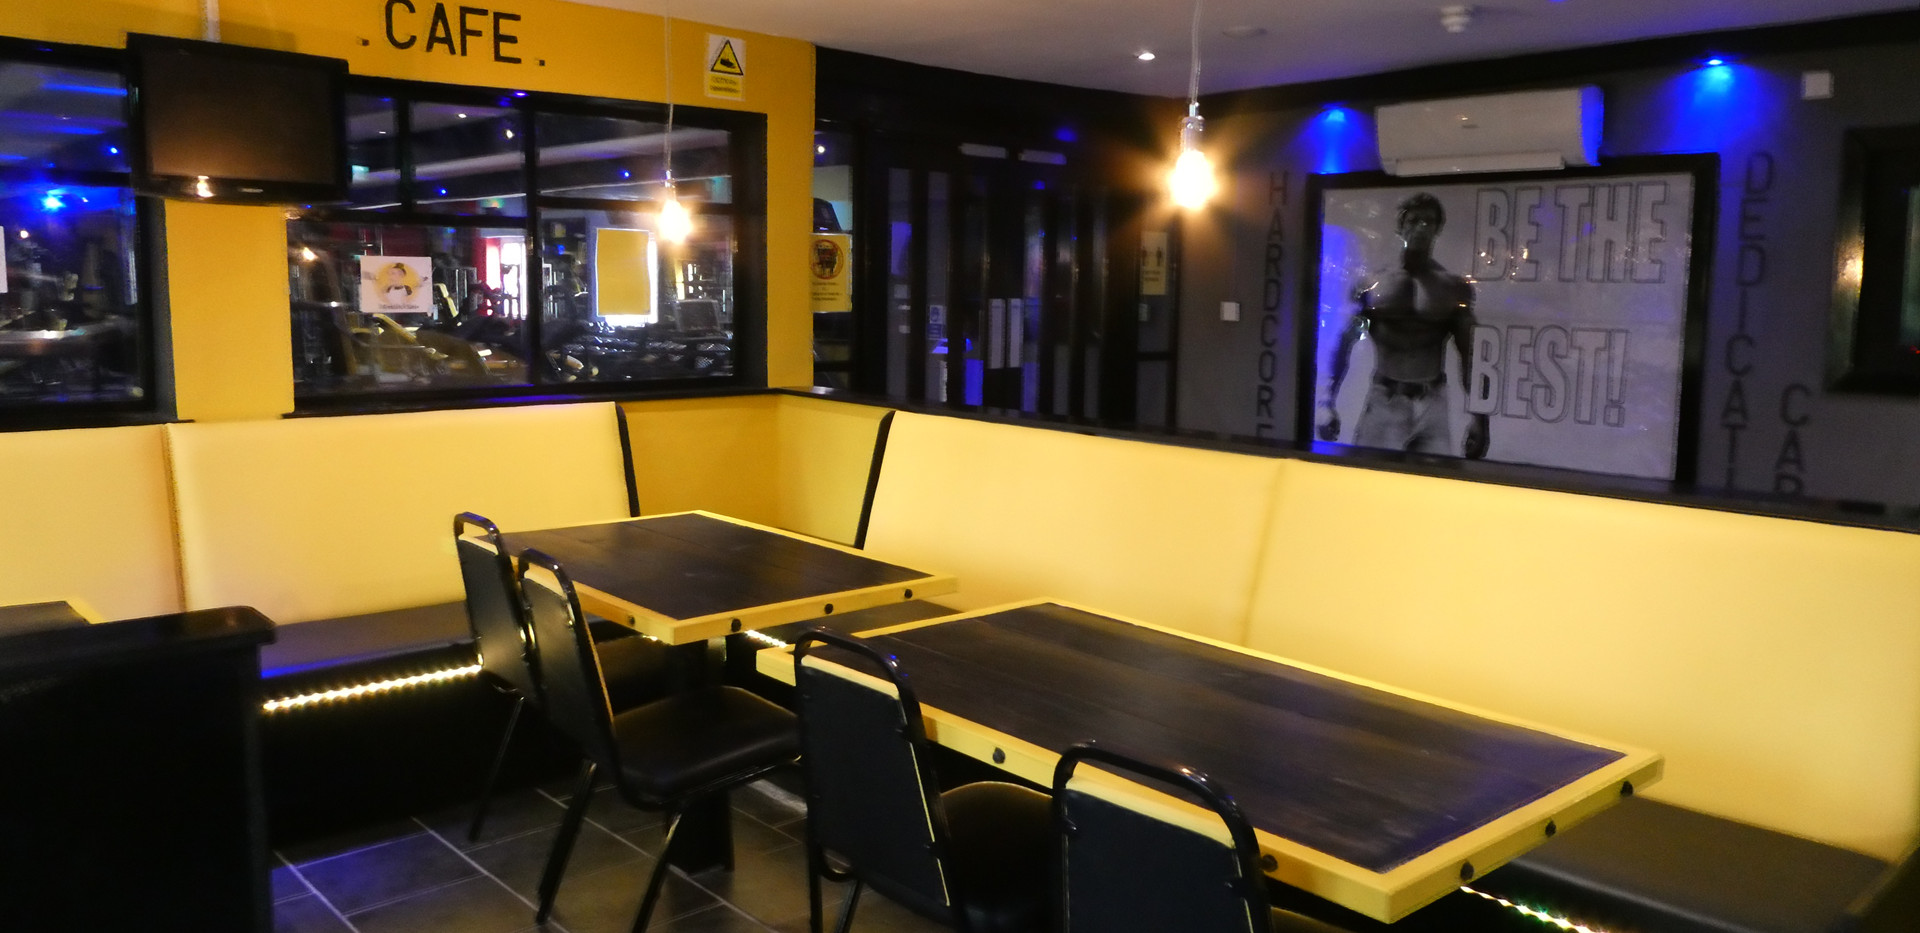 Cafe Area